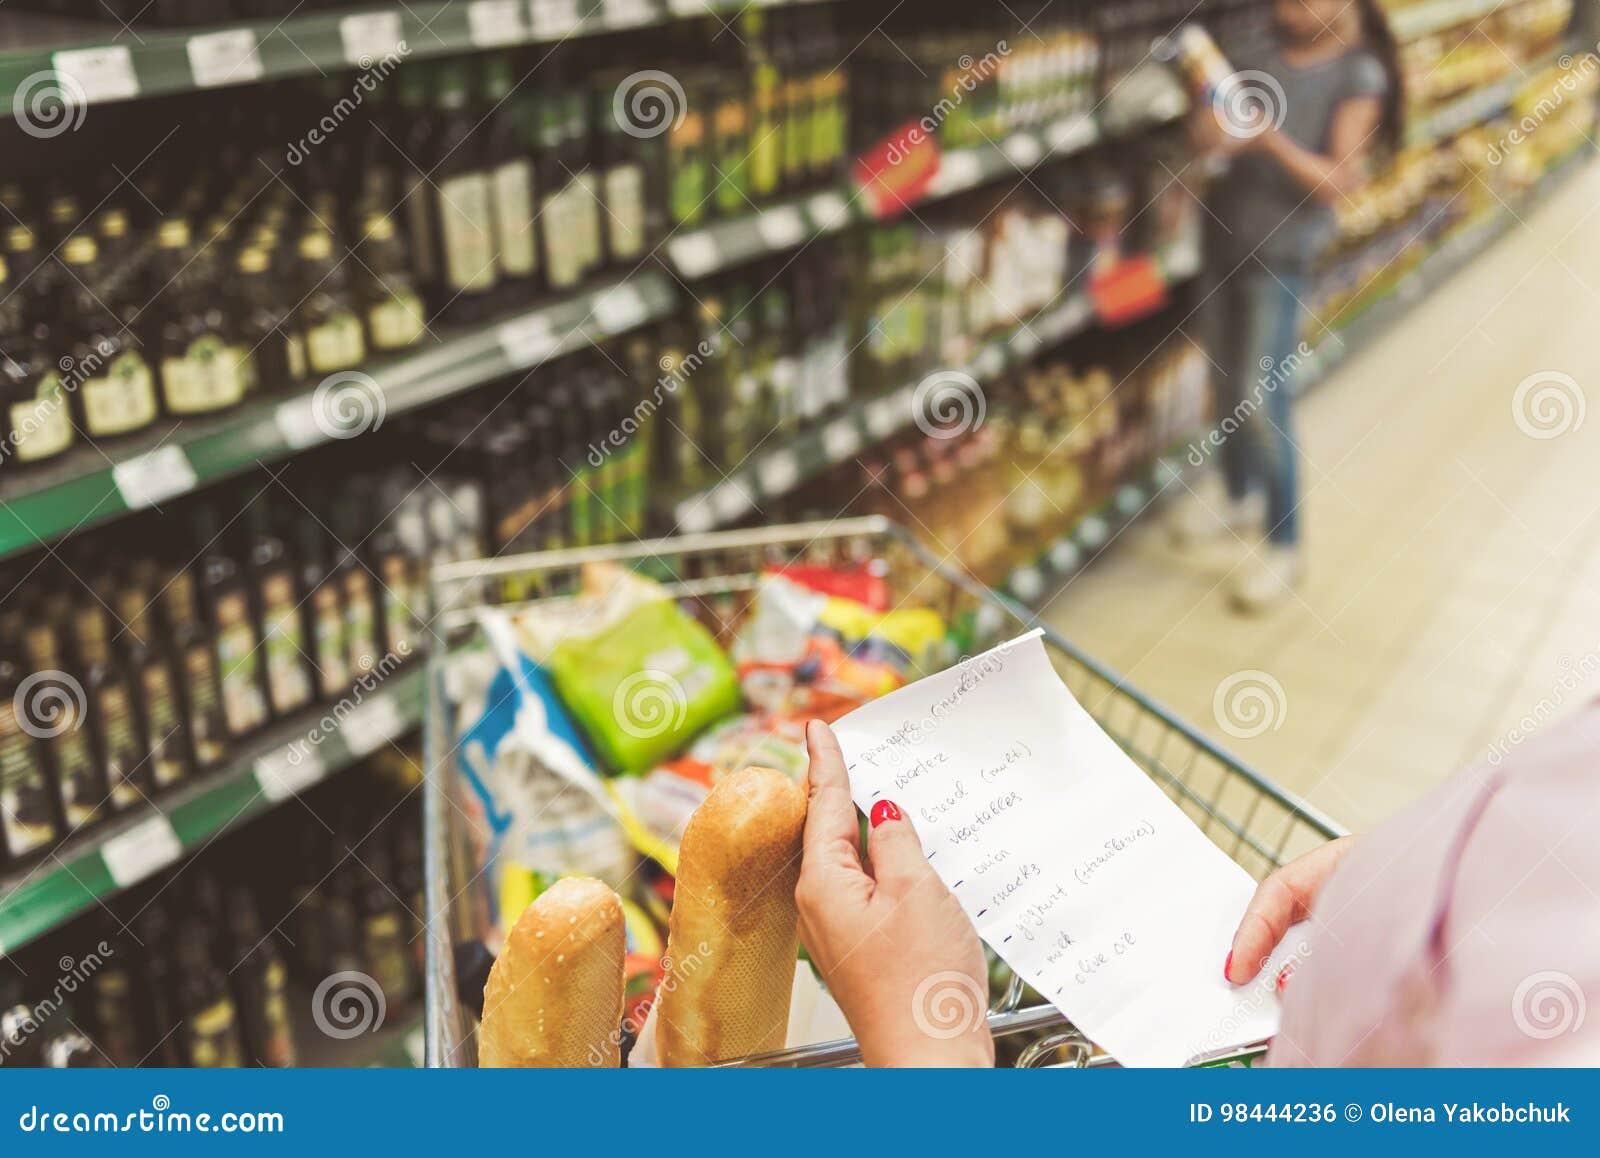 brazos de la mujer que mantienen el comprar de la lista supermercado